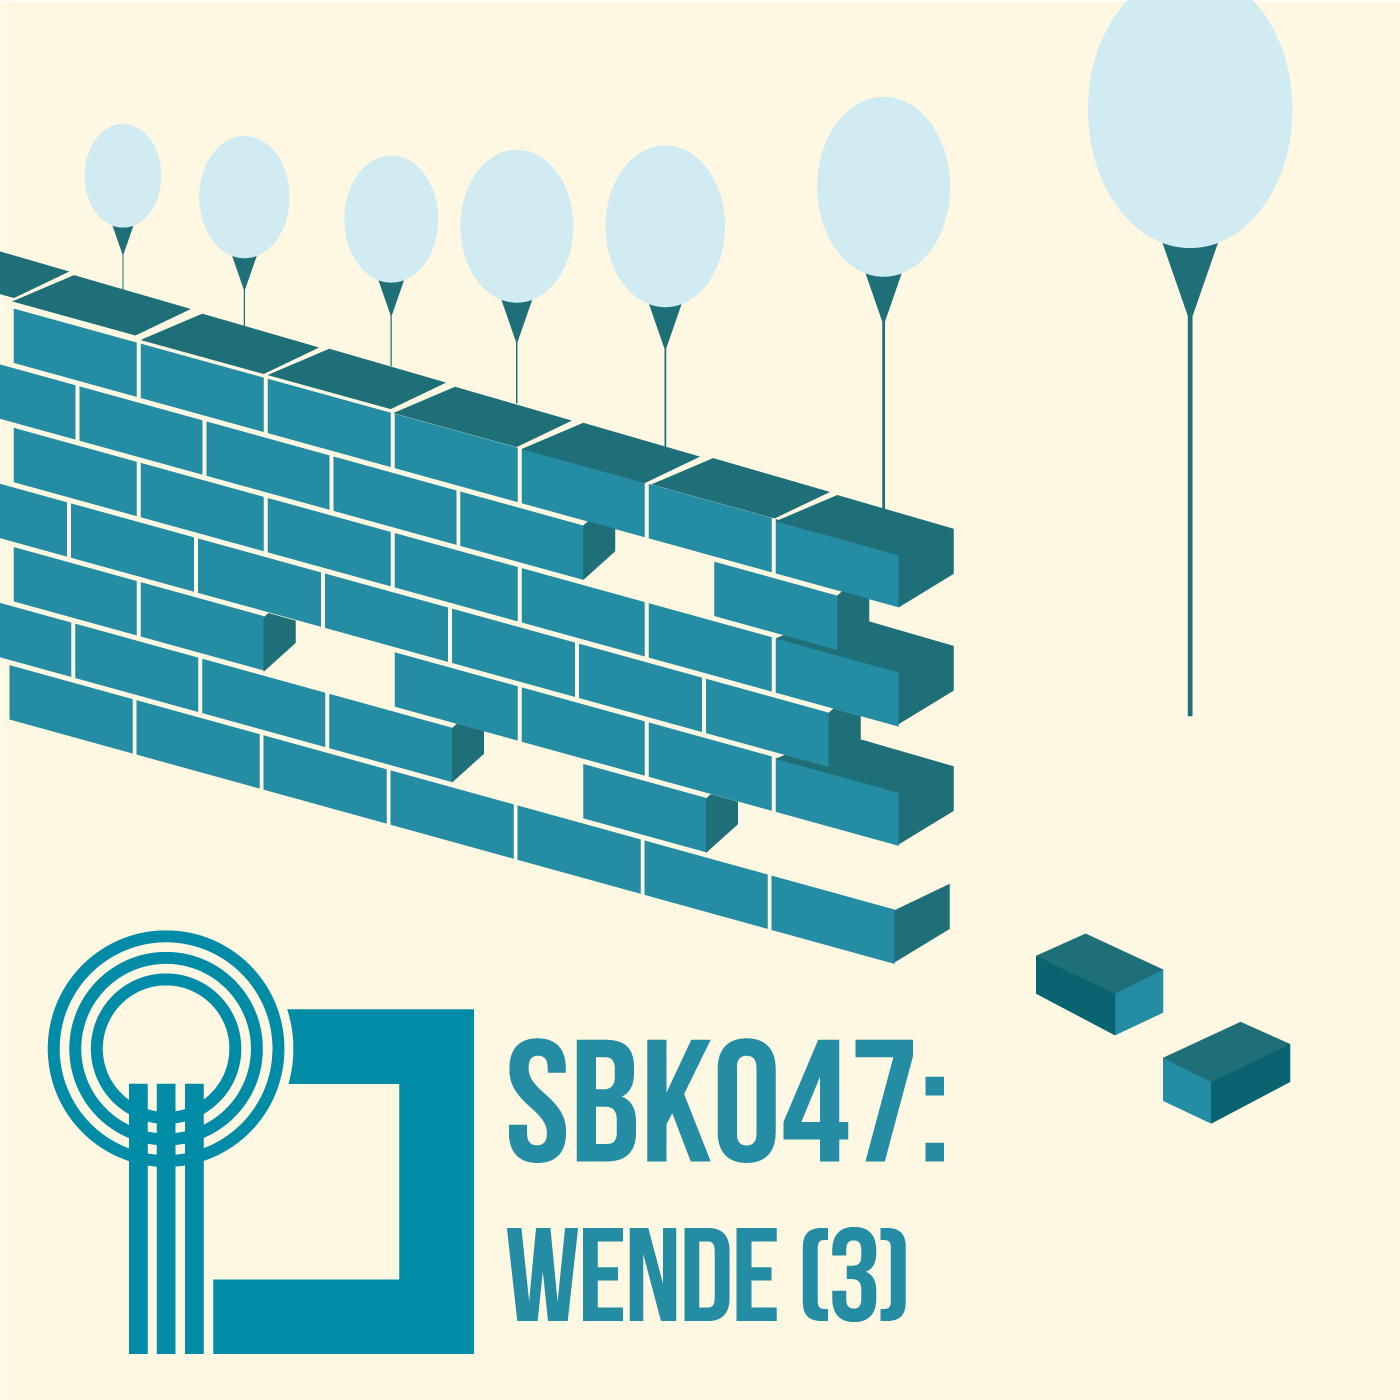 Wende (3)